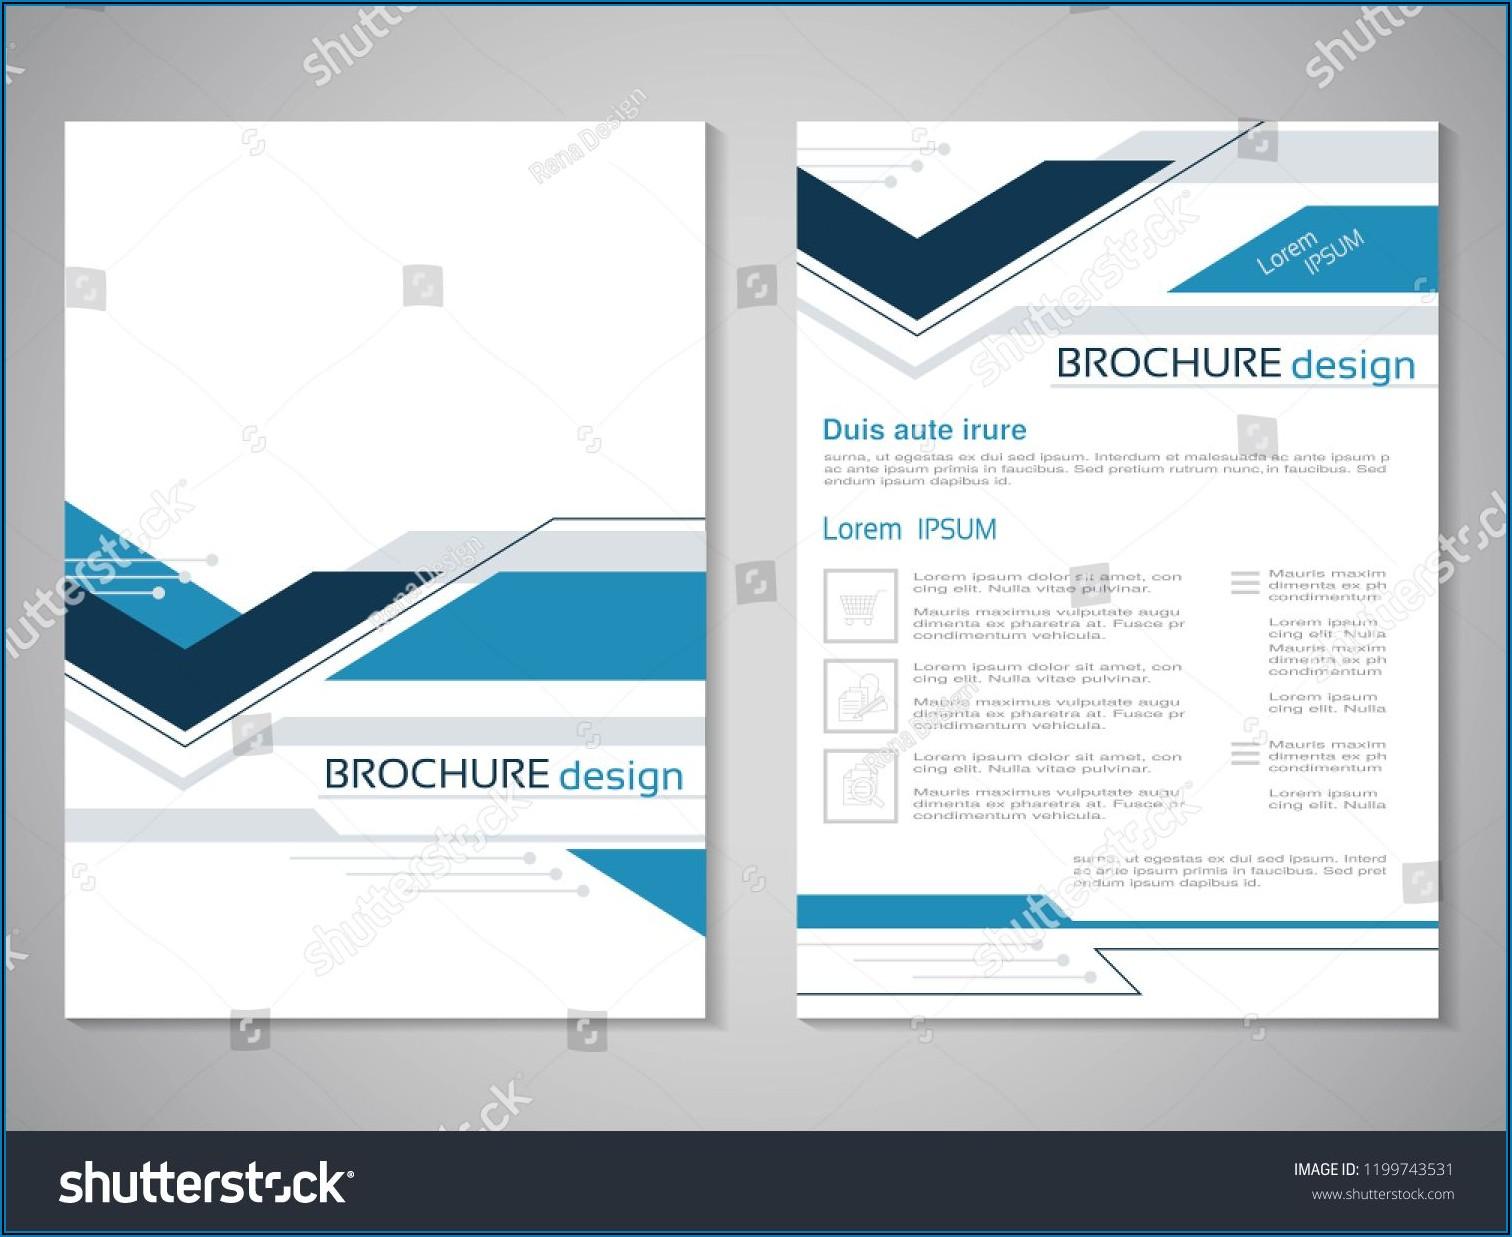 Brochure Design Background Vector